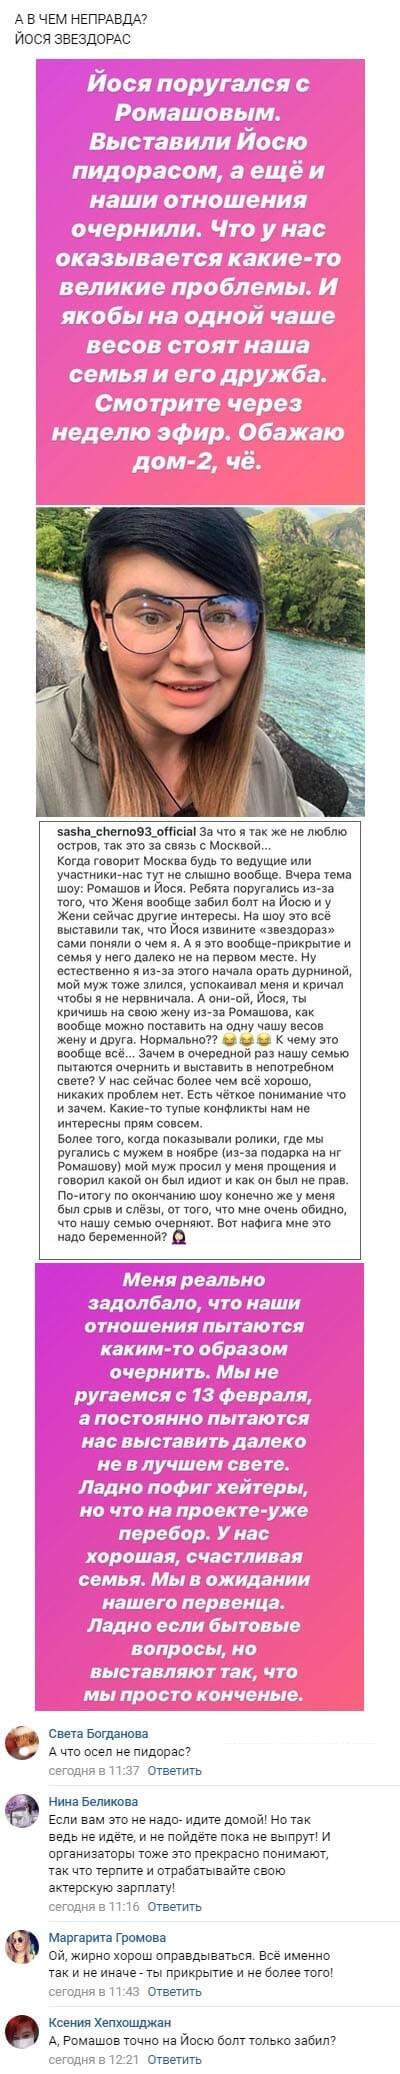 Александра Черно взбесилась когда объявили ориентацию Иосифа Оганесяна